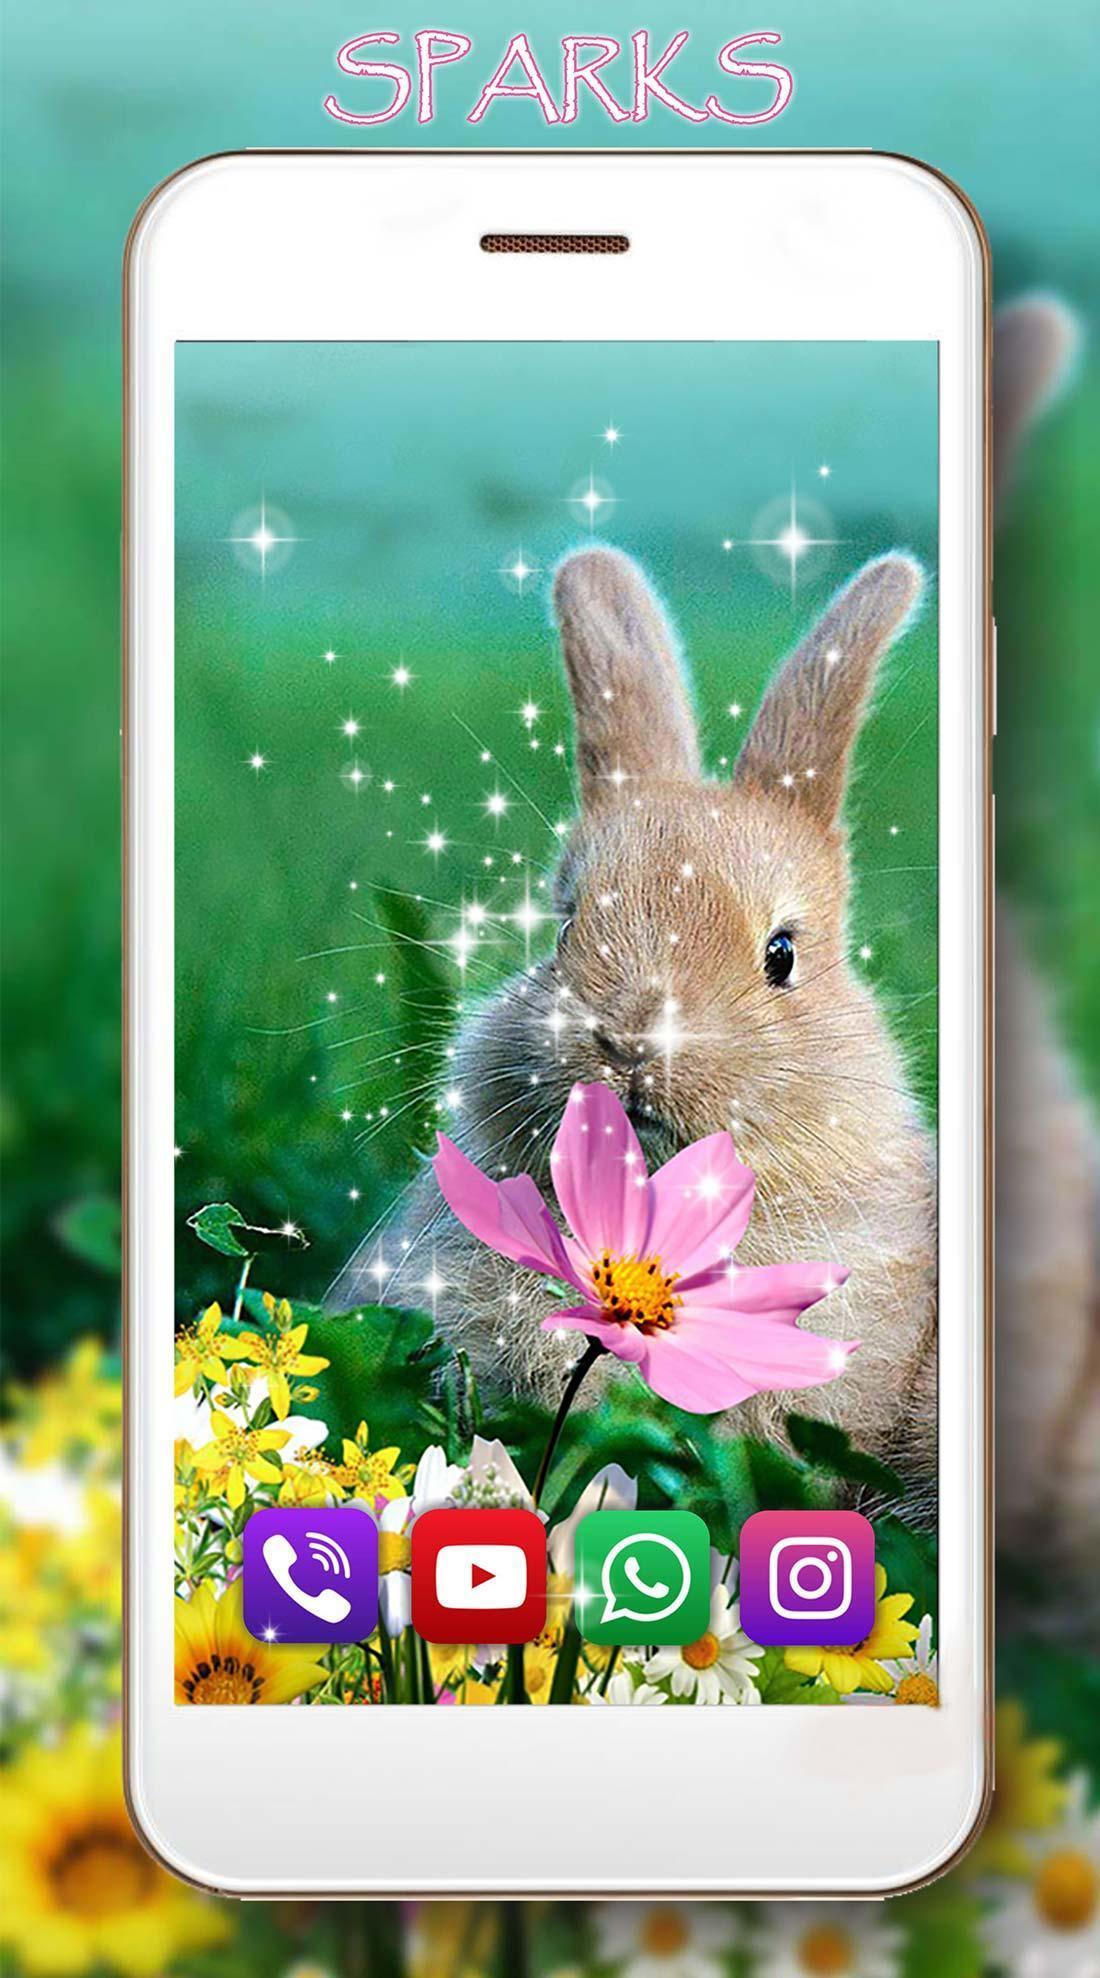 Lustige Hasen Live Wallpaper Für Android - Apk Herunterladen verwandt mit Lustige Hasen Bilder Kostenlos